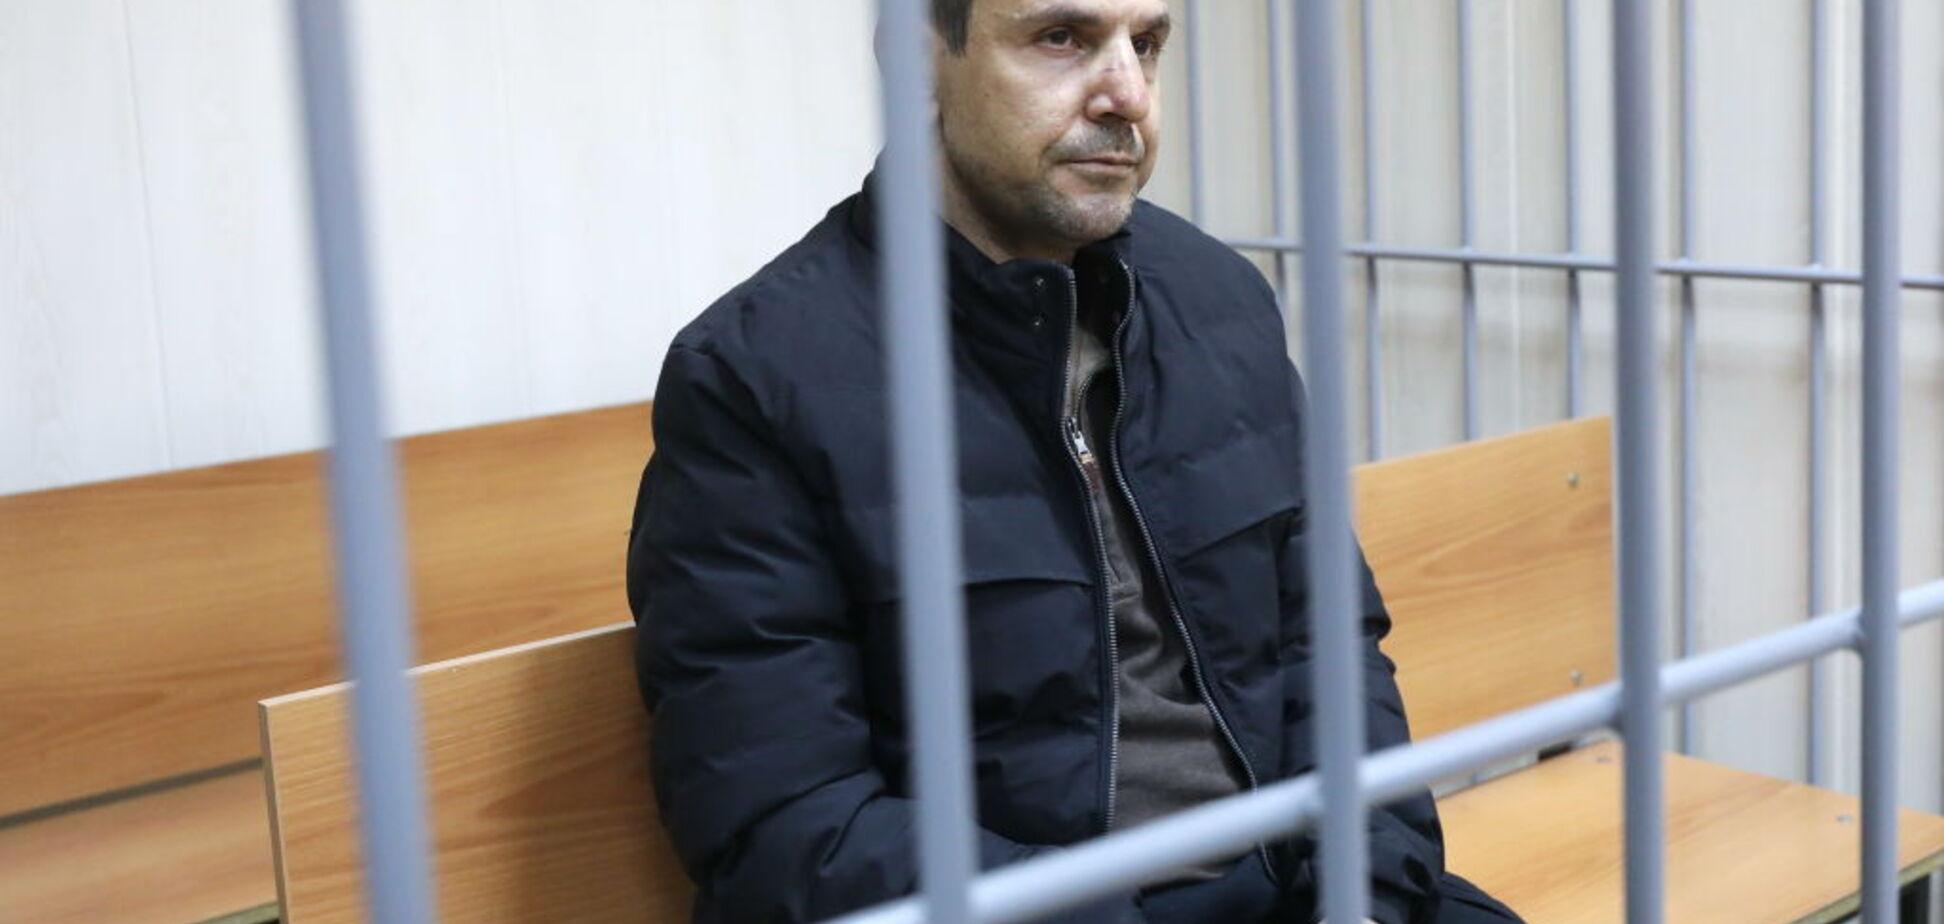 Нападение на журналистку 'Эха Москвы': суд принял решение по злоумышленнику